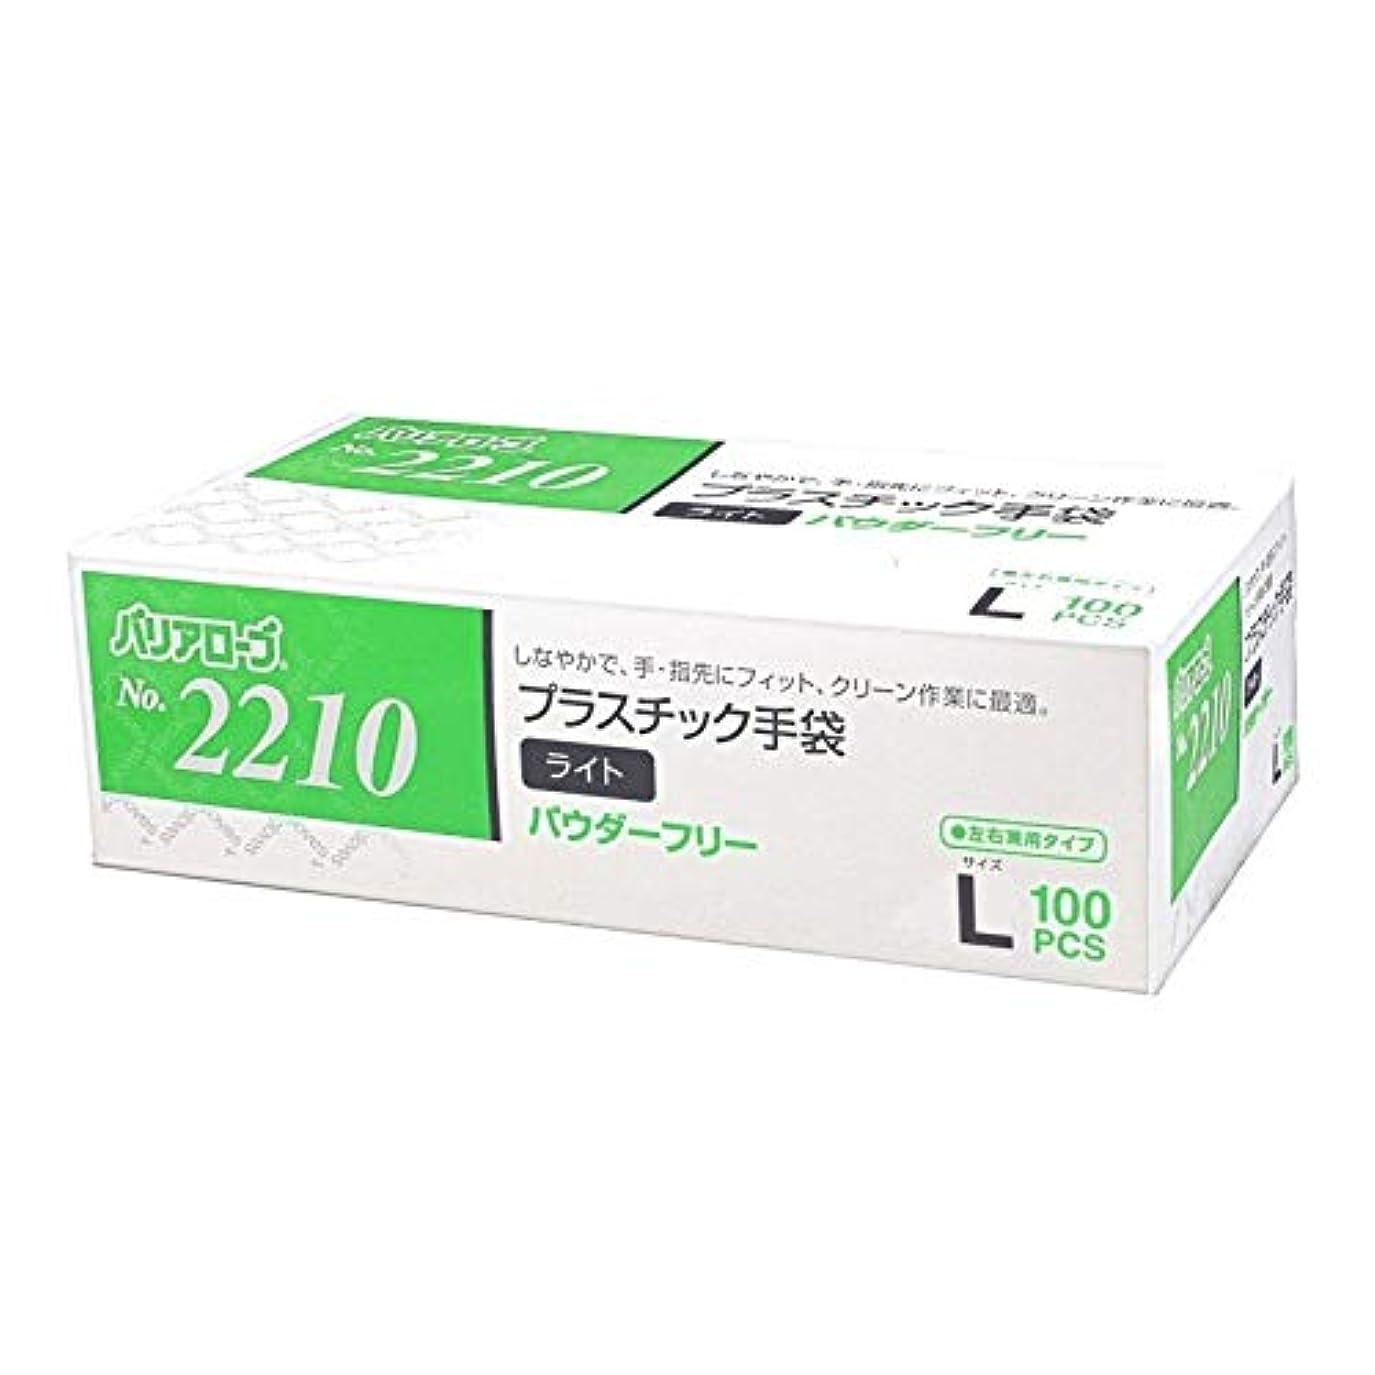 モナリザ先入観記念日【ケース販売】 バリアローブ №2210 プラスチック手袋 ライト (パウダーフリー) L 2000枚(100枚×20箱)